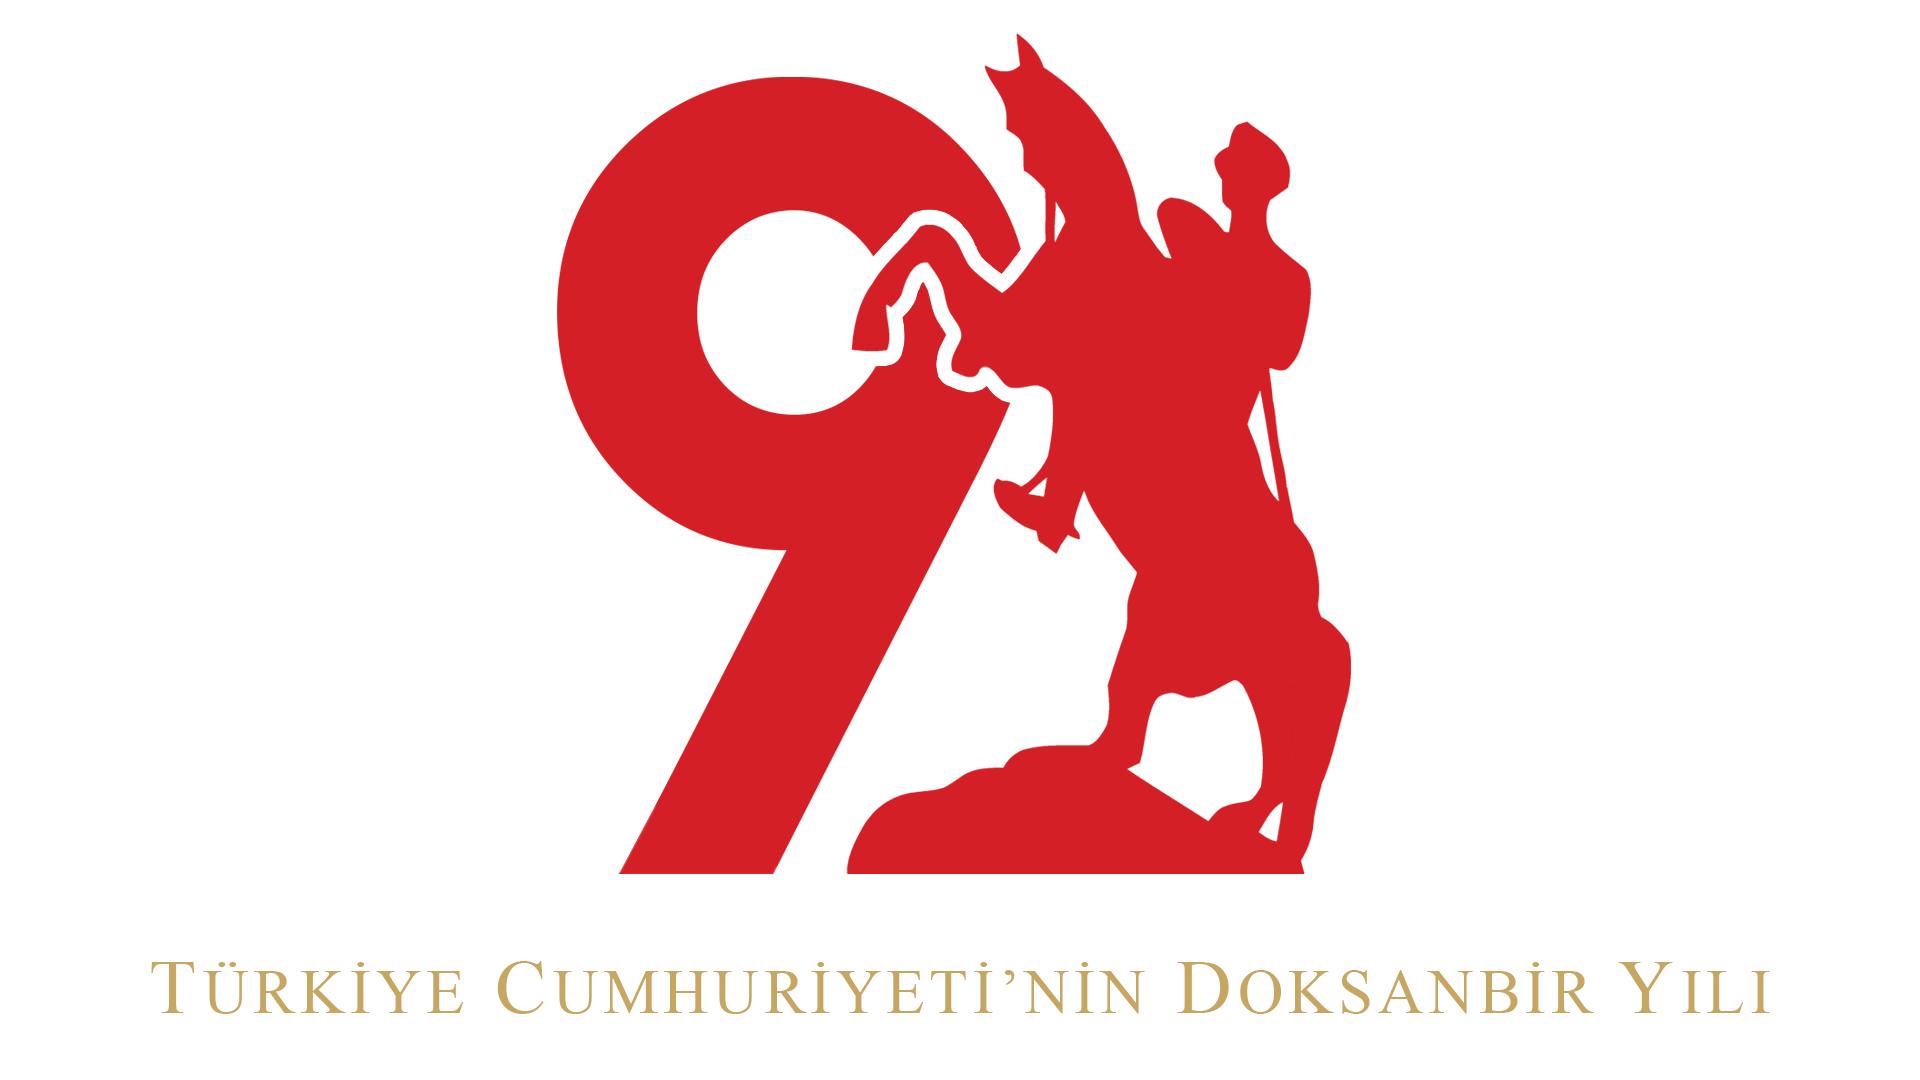 Cumhuriyet'in 91 yılı